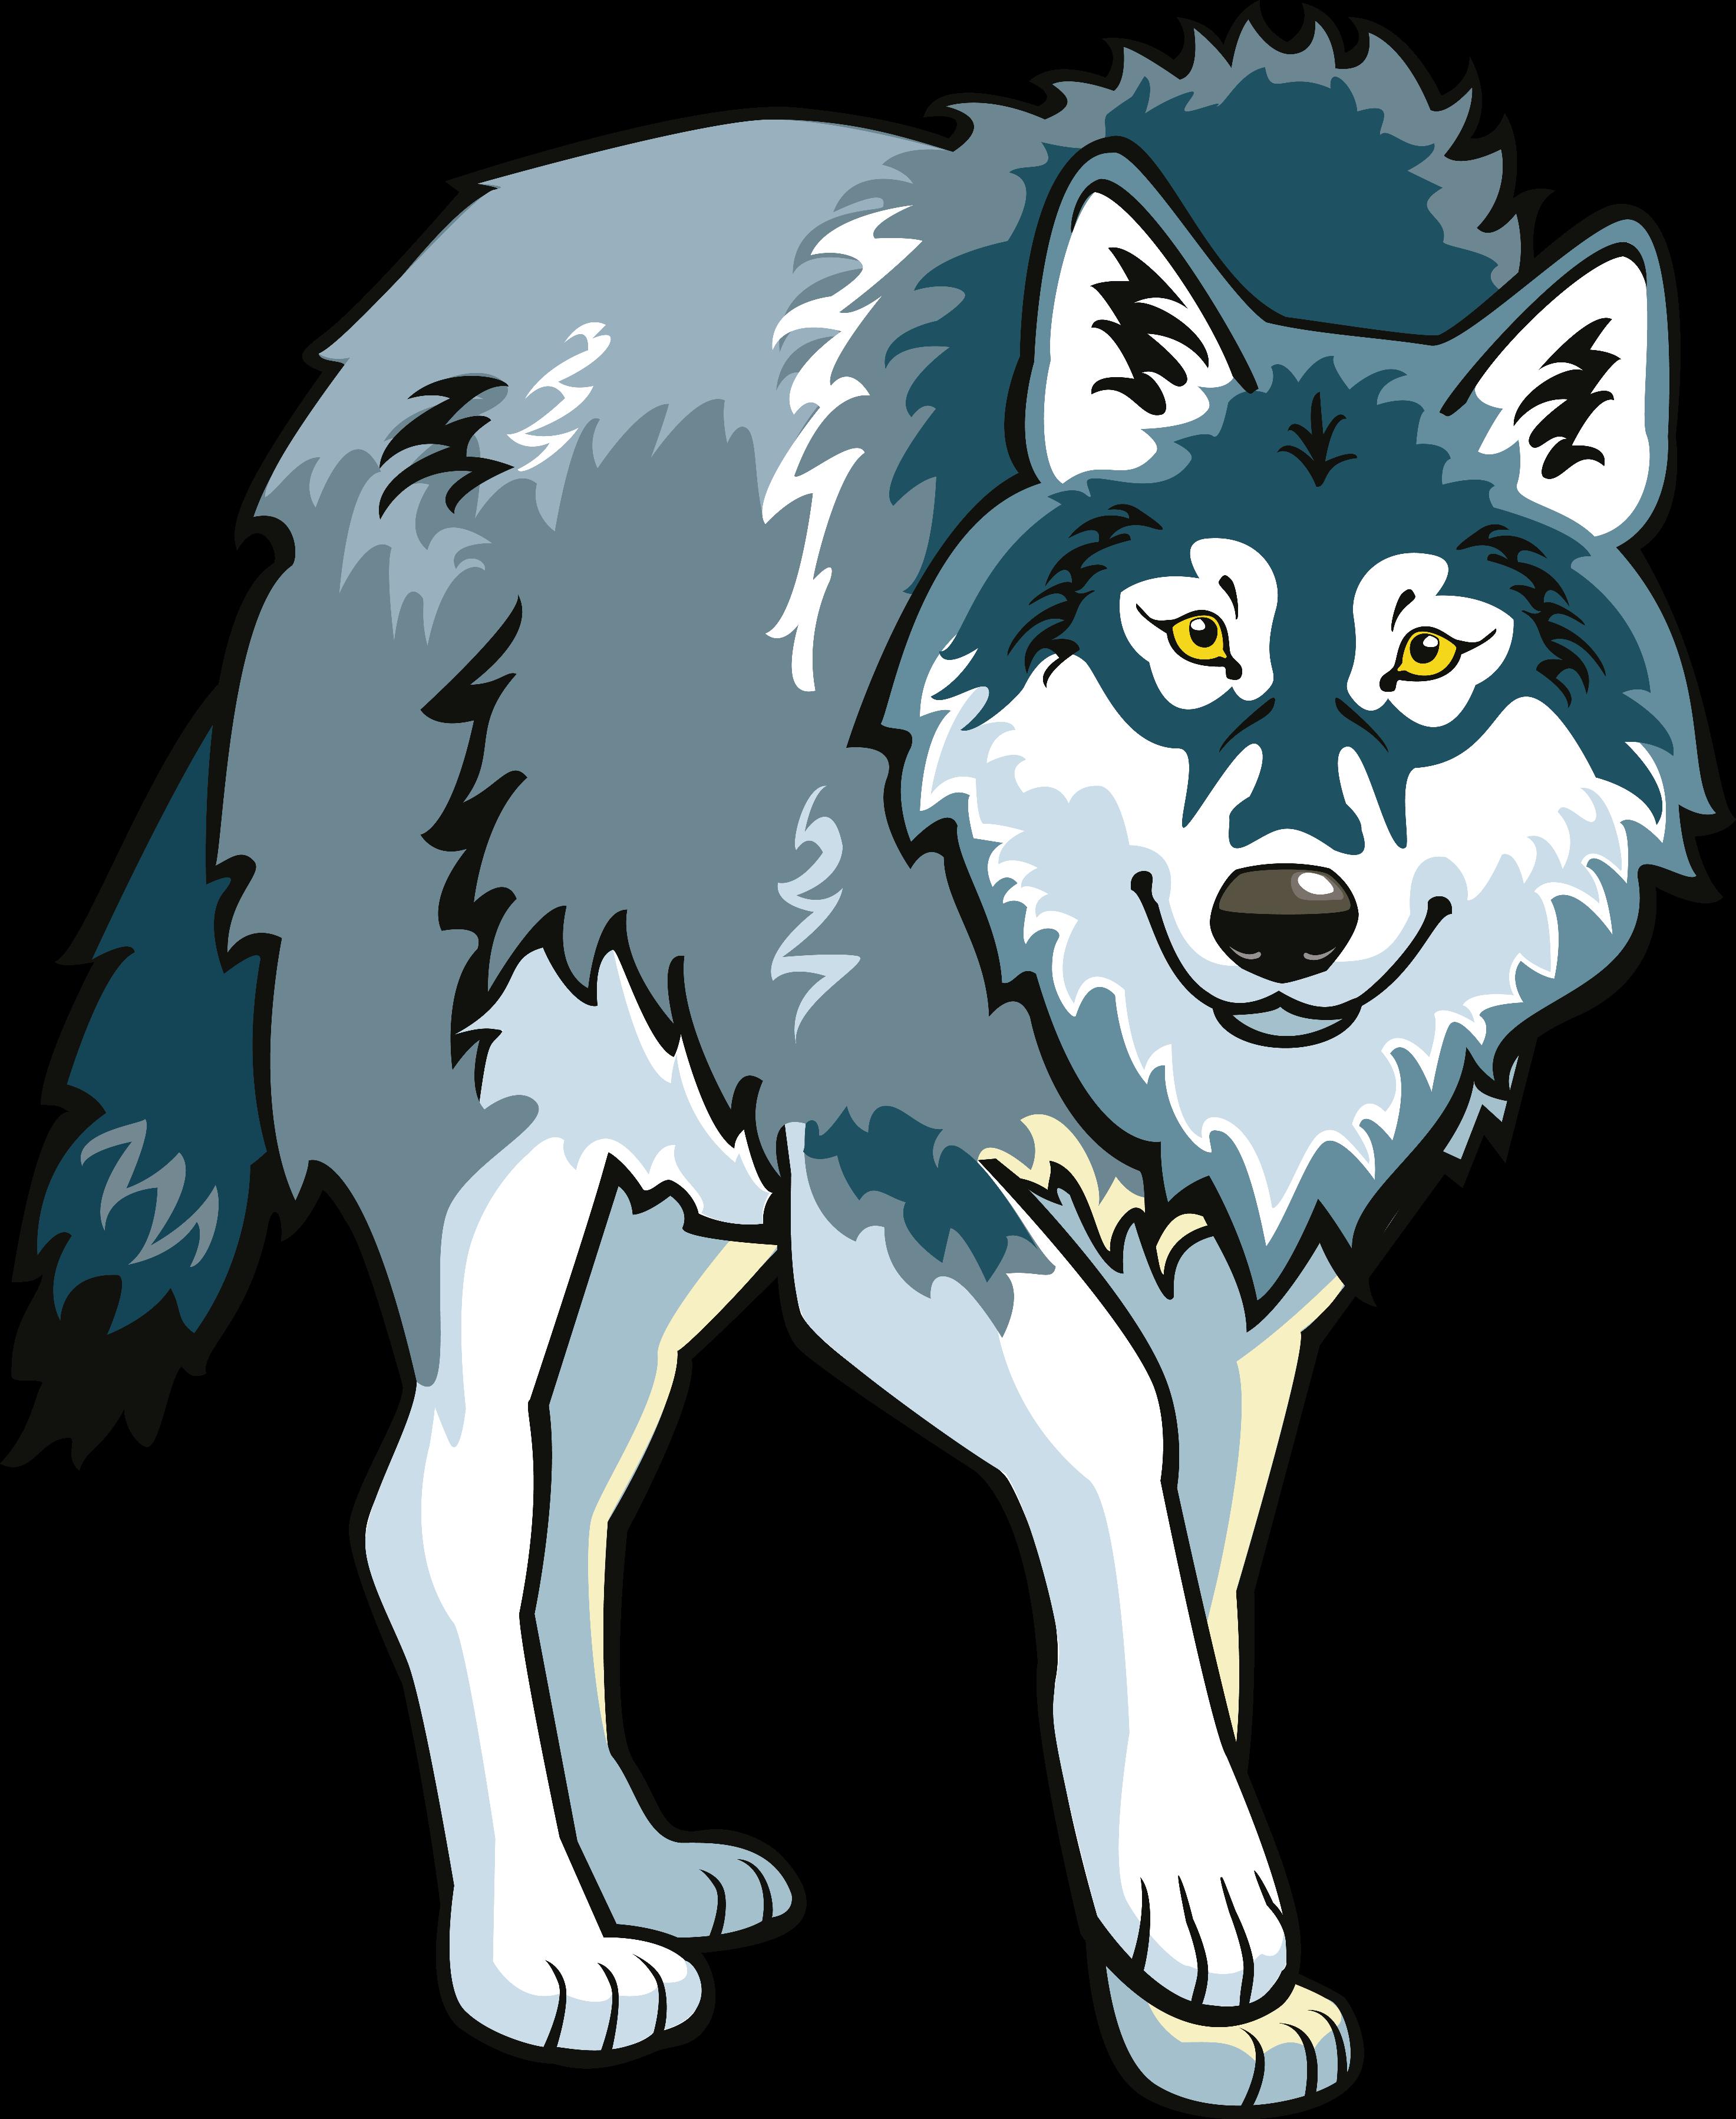 фото волка мультяшного